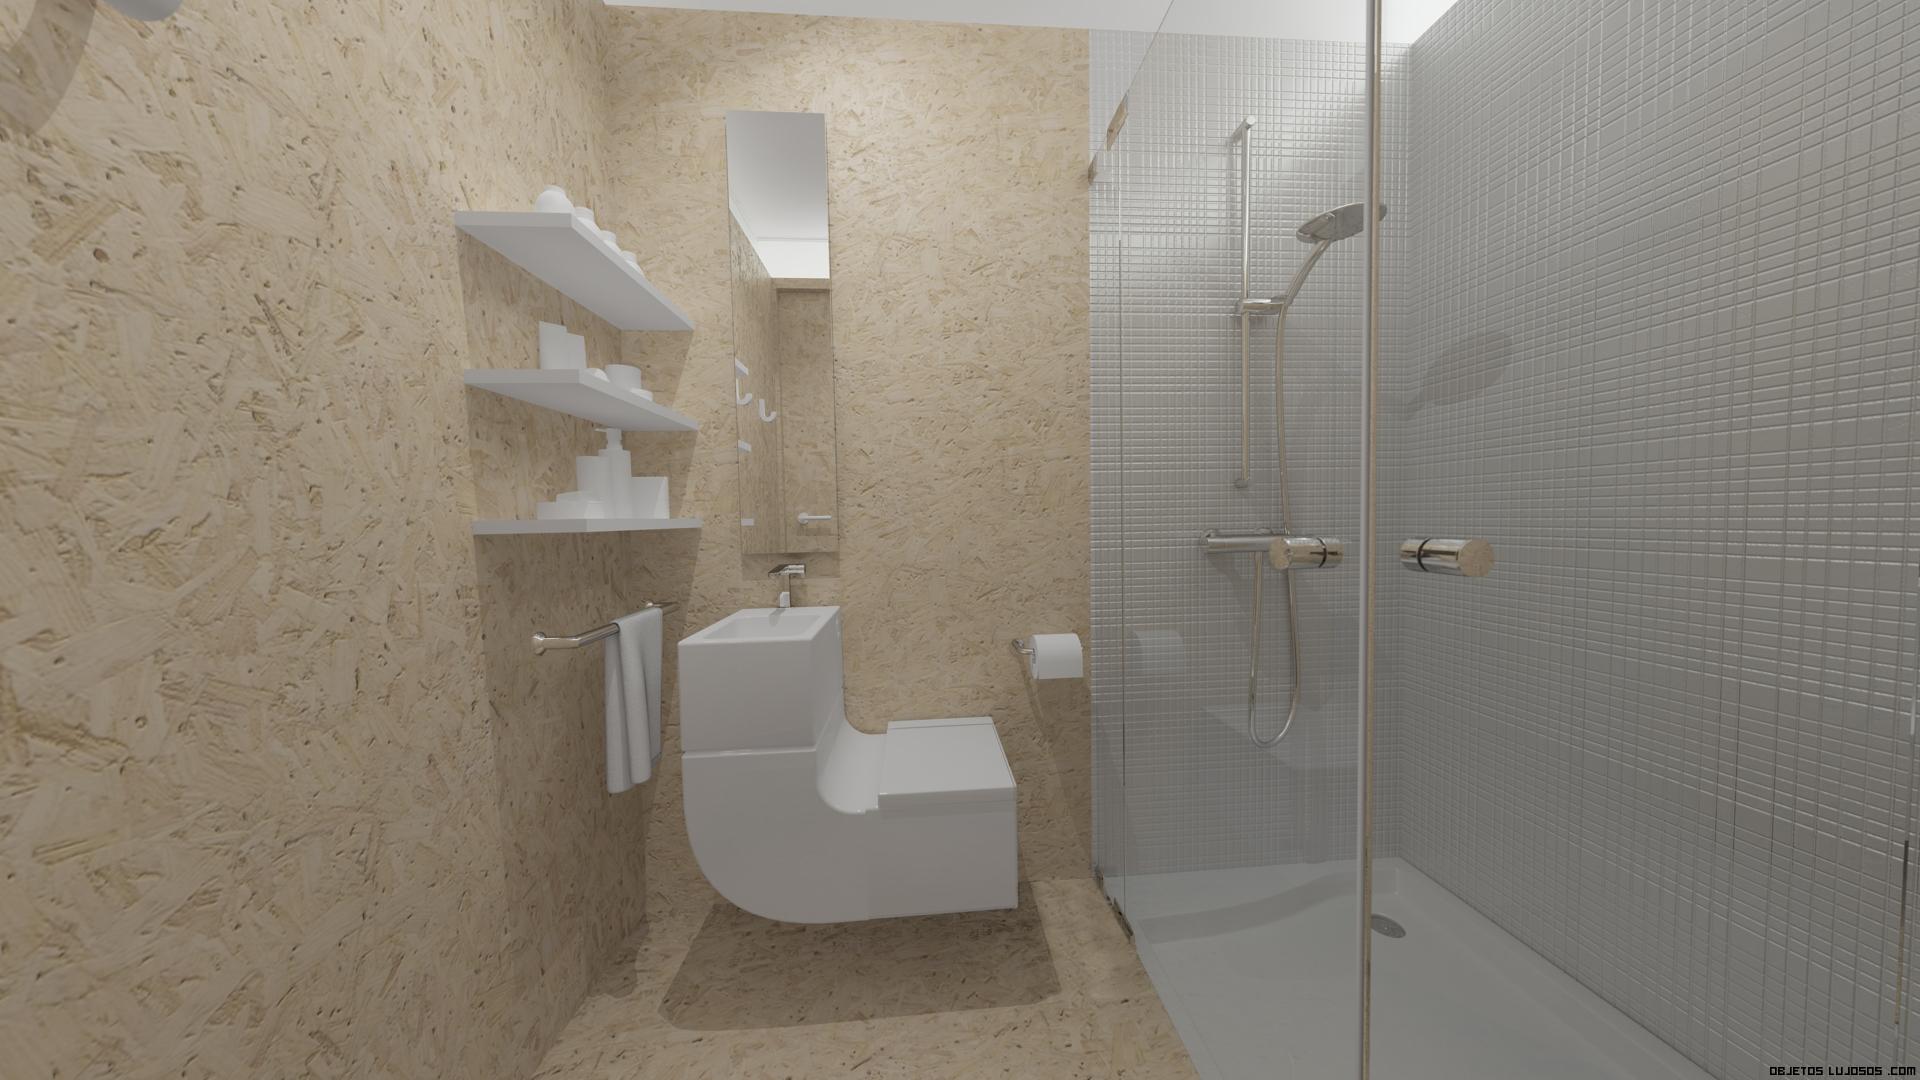 Baño Minimalista Pequeno:baños con mamparas de cristal